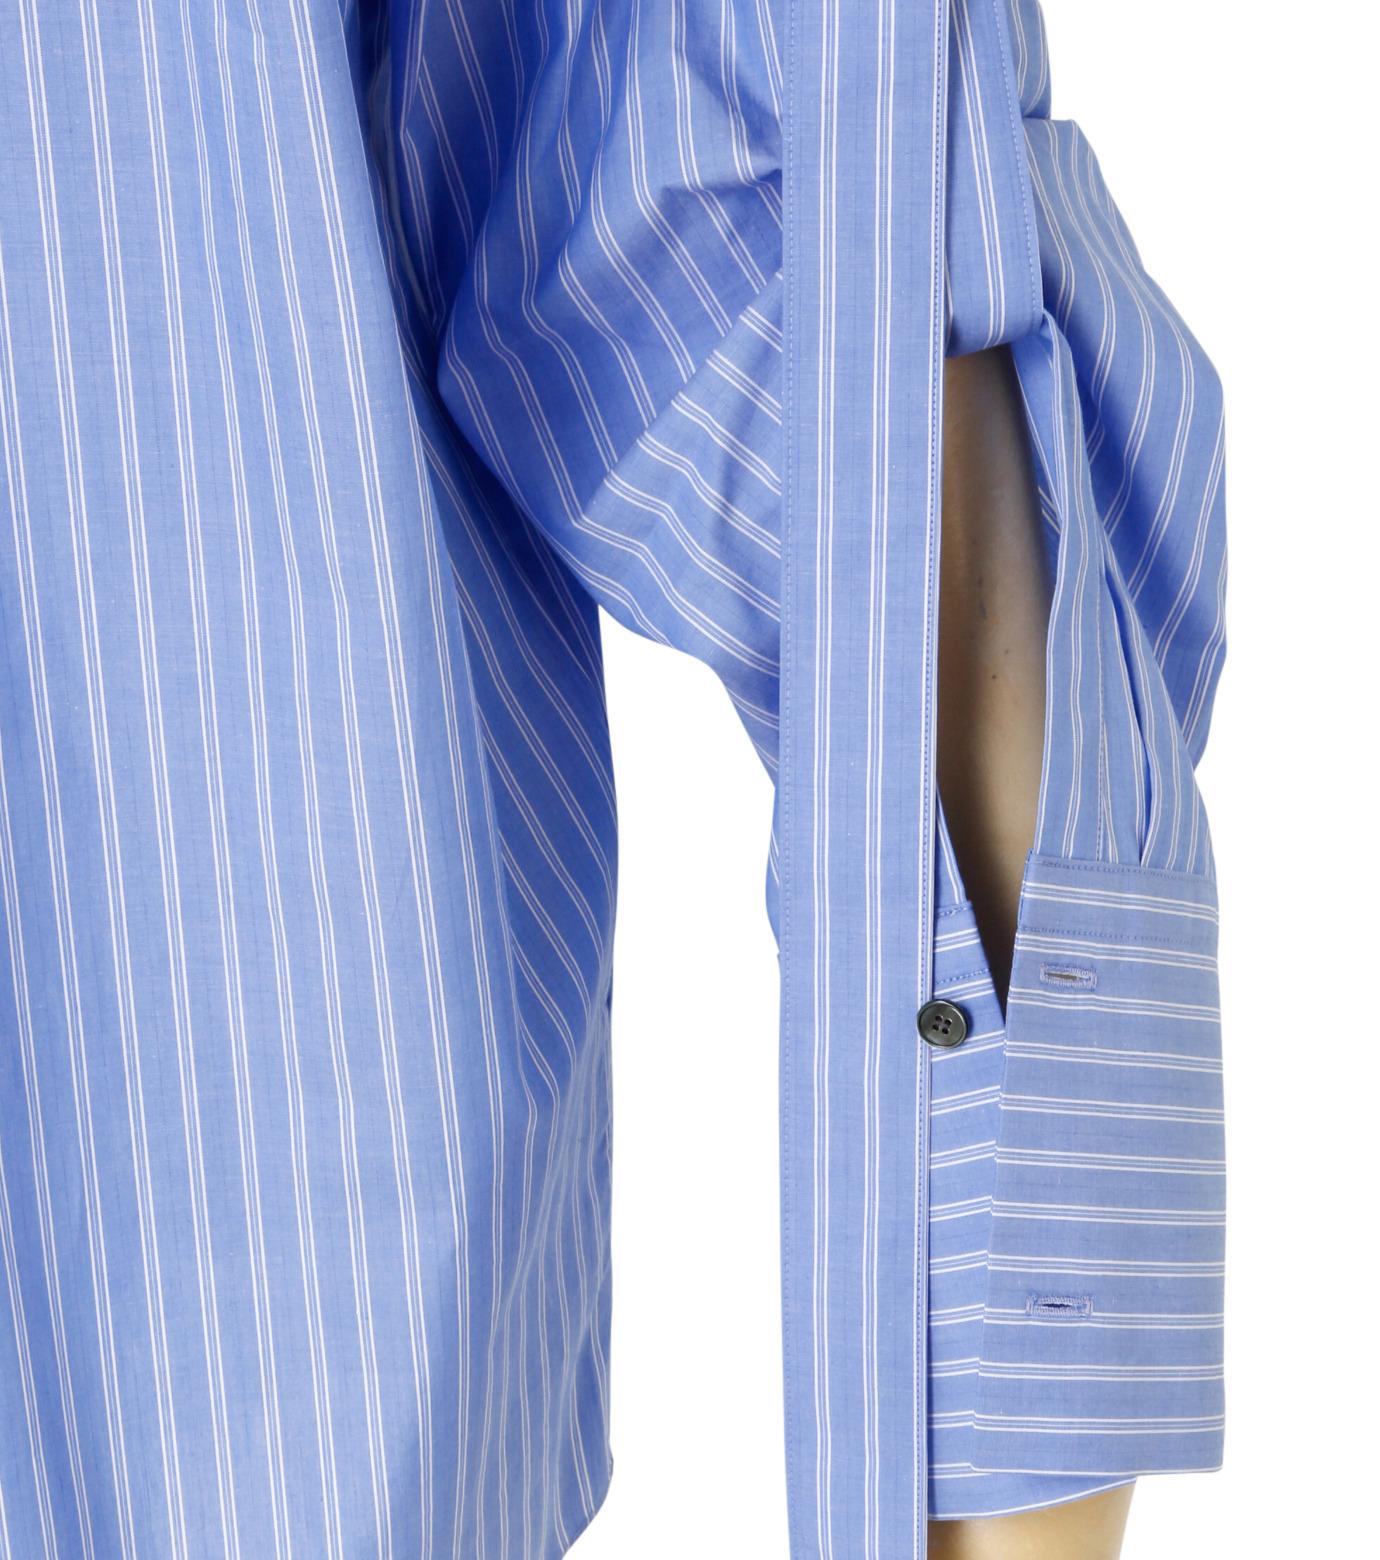 IRENE(アイレネ)のバックワーズシャツ-BLUE(シャツ/shirt)-19S83009 拡大詳細画像6